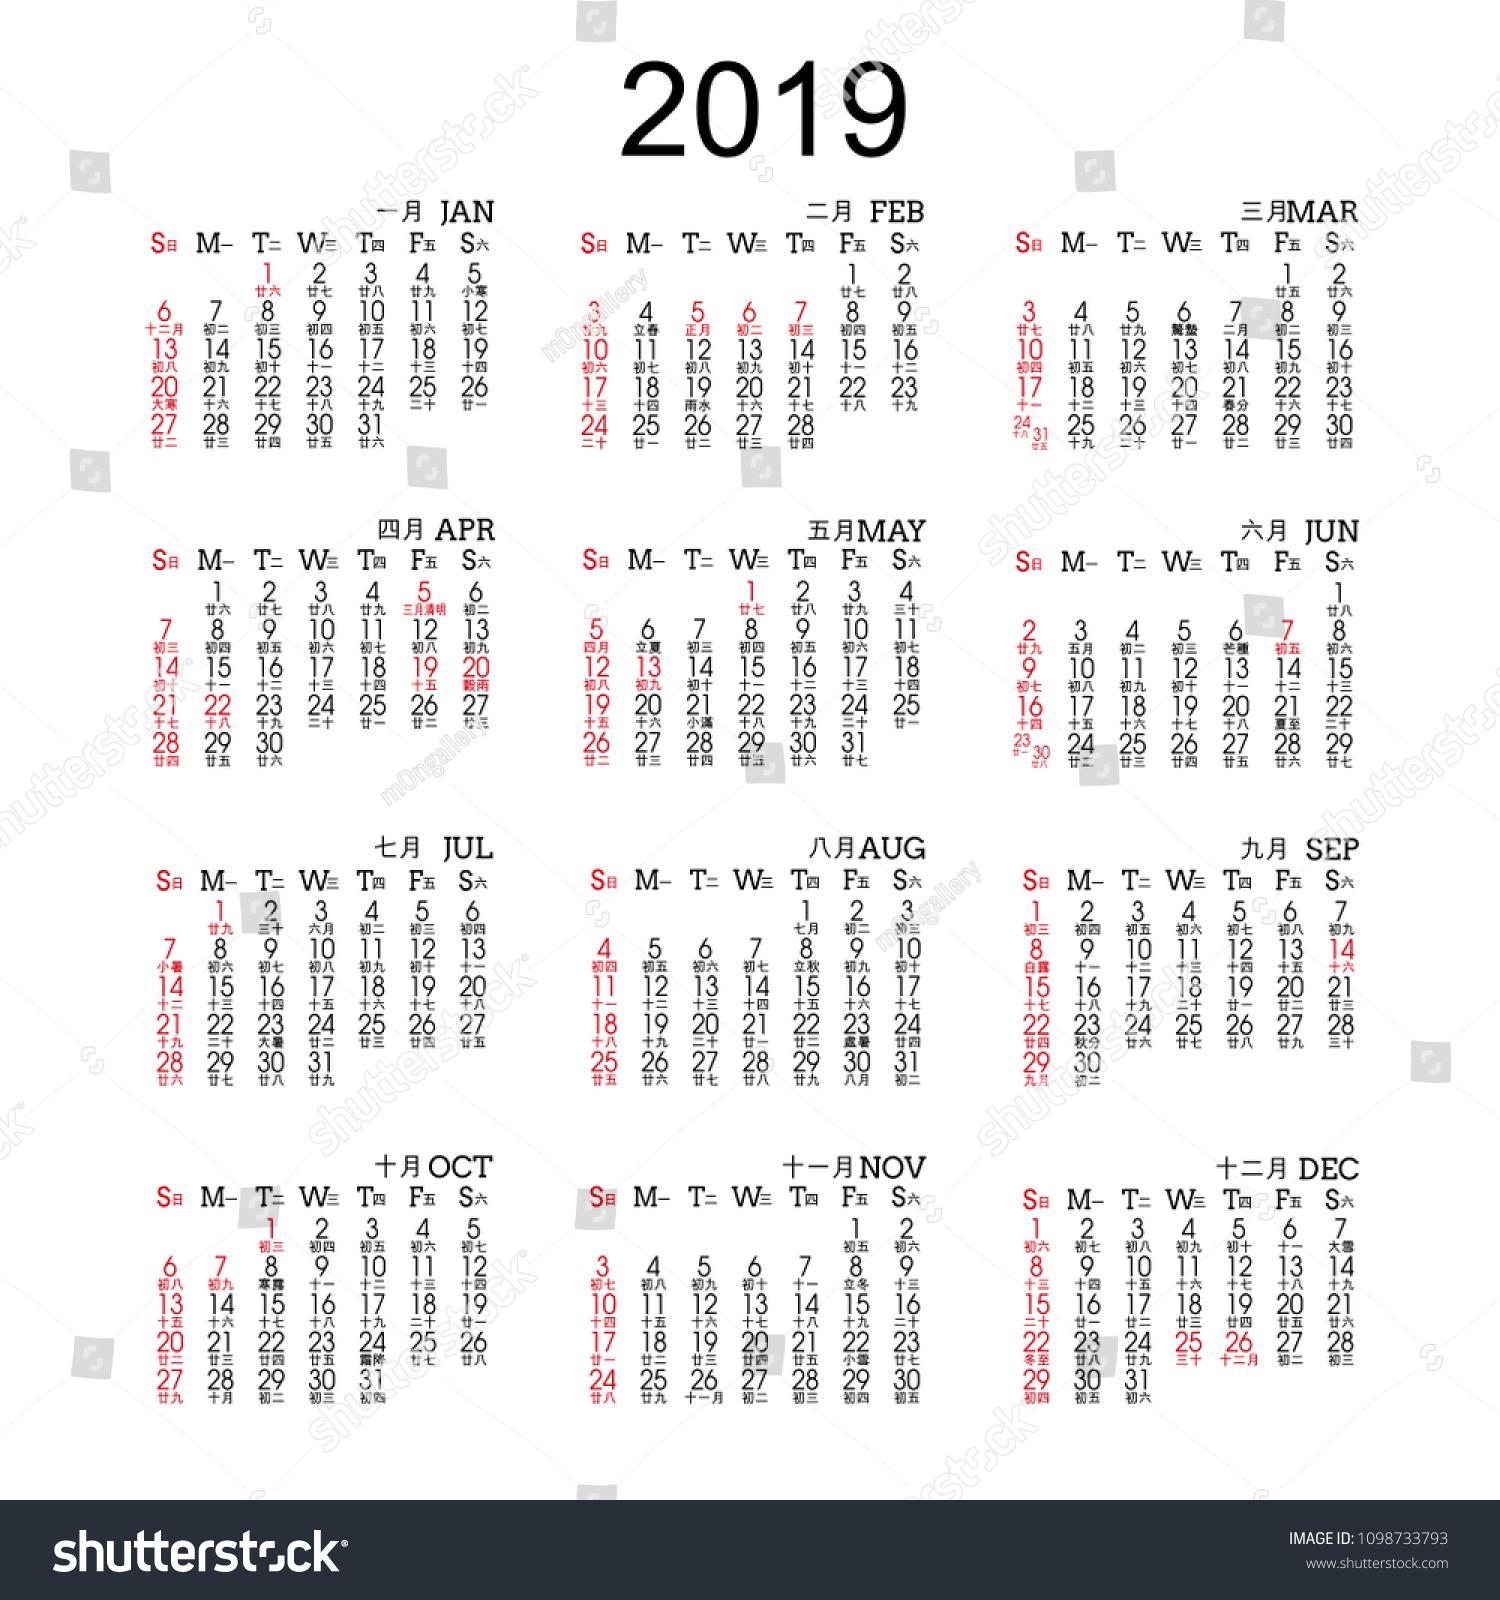 2019 calender holiday